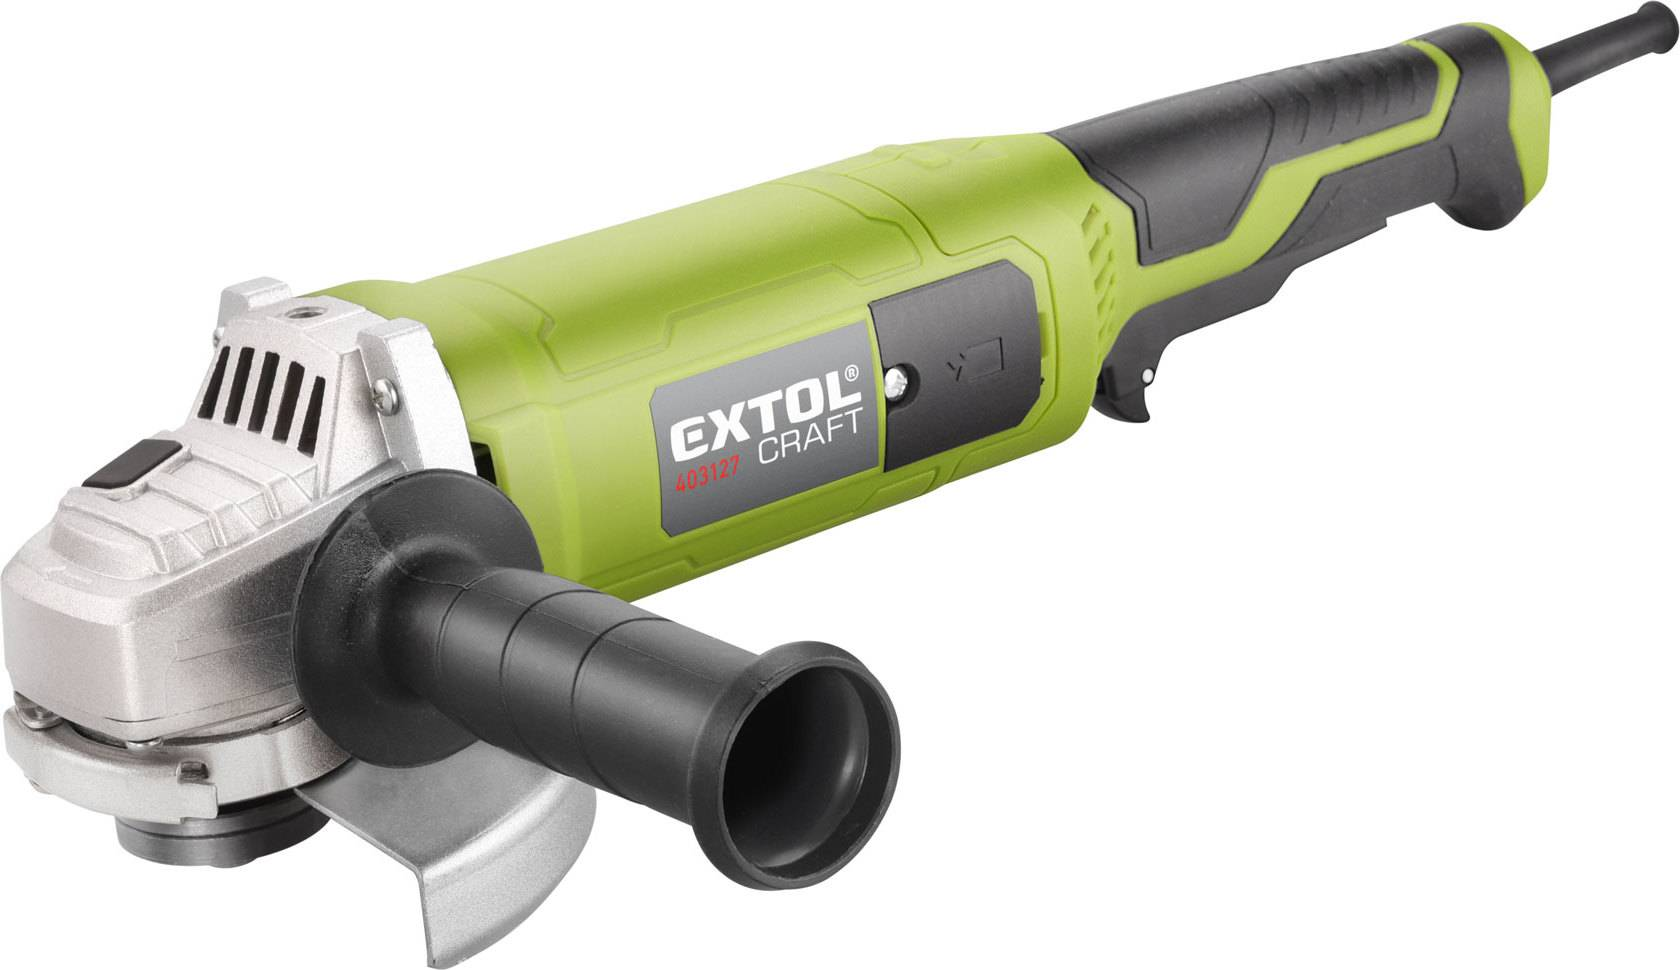 bruska úhlová s prodlouženou rukojetí, 125mm, 1200W 403127 EXTOL CRAFT